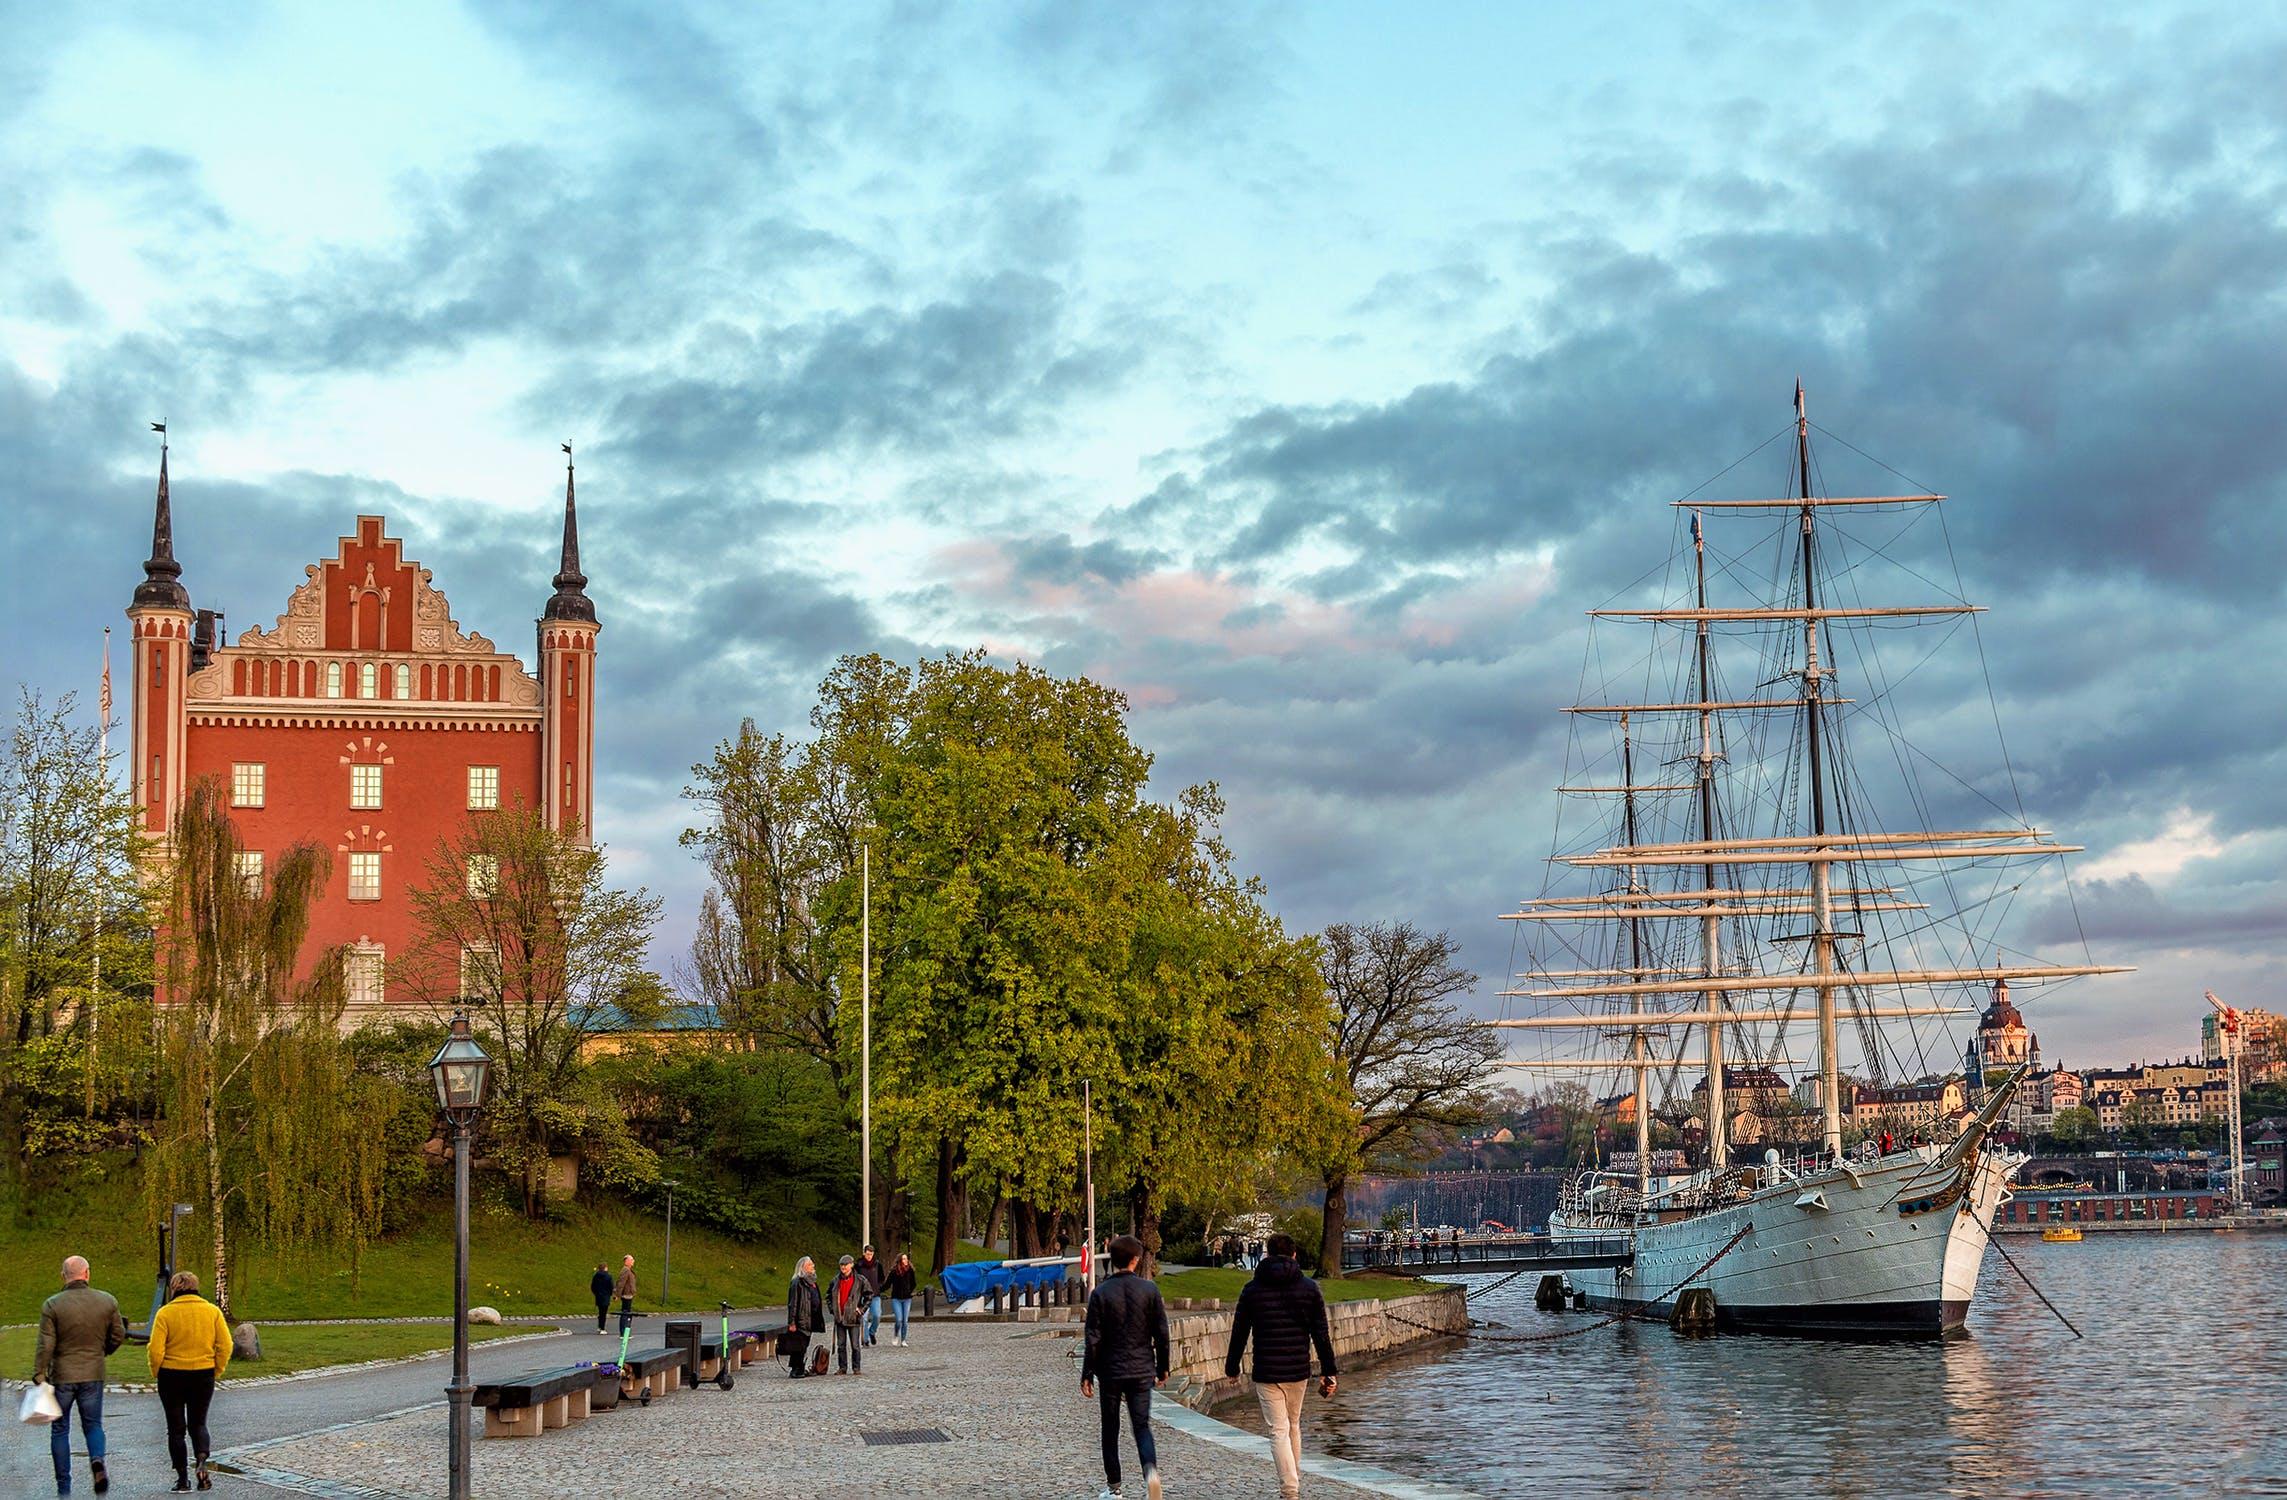 تعلم اللغة السويدية أونلاين مجانًا